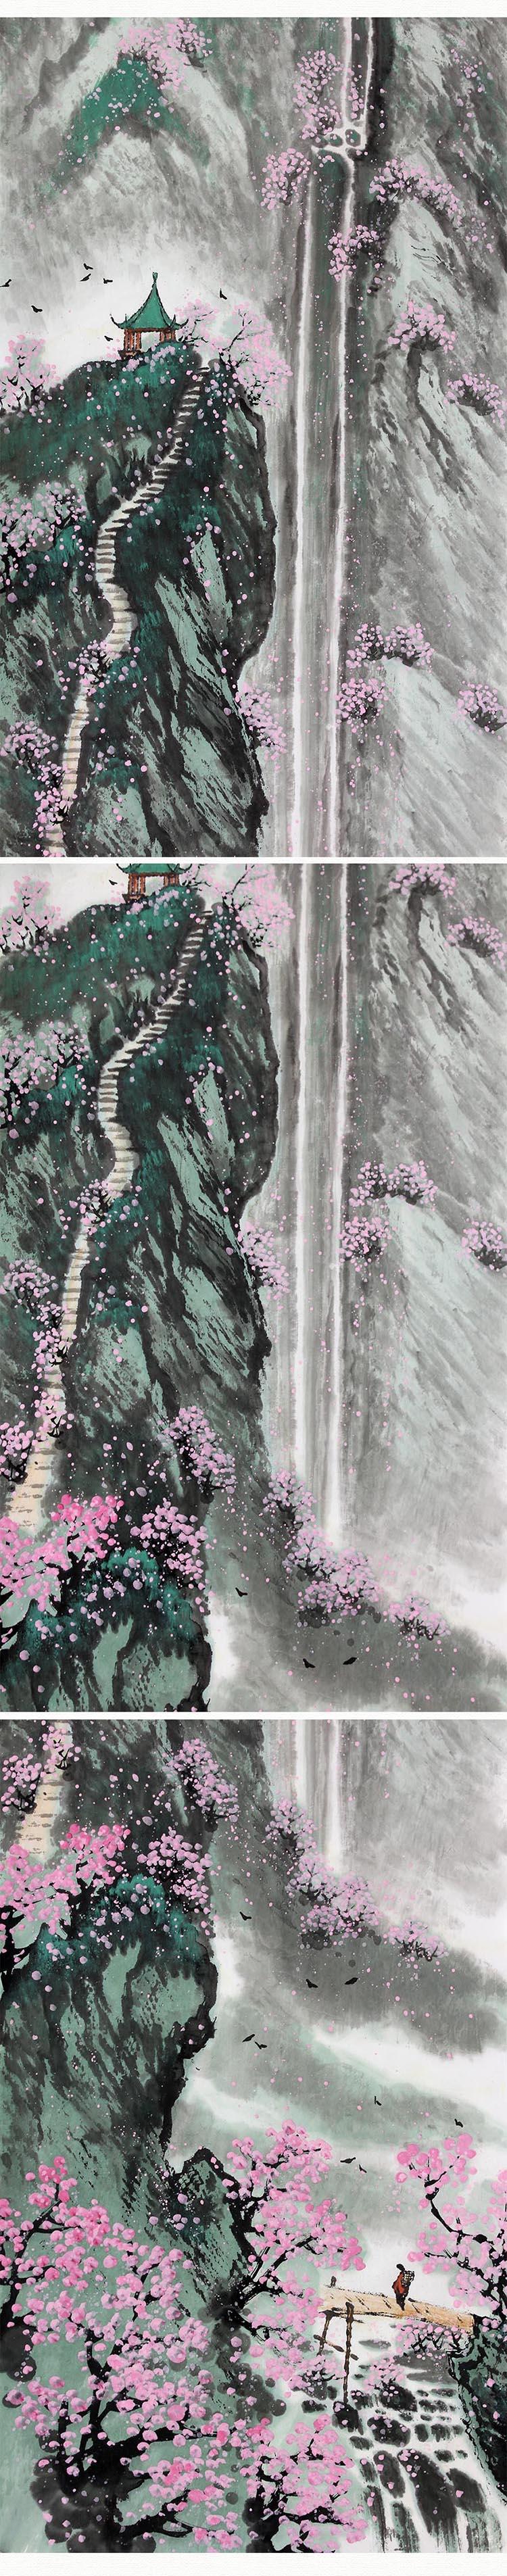 韩小平 《春夏秋冬》传统水墨 写意山水